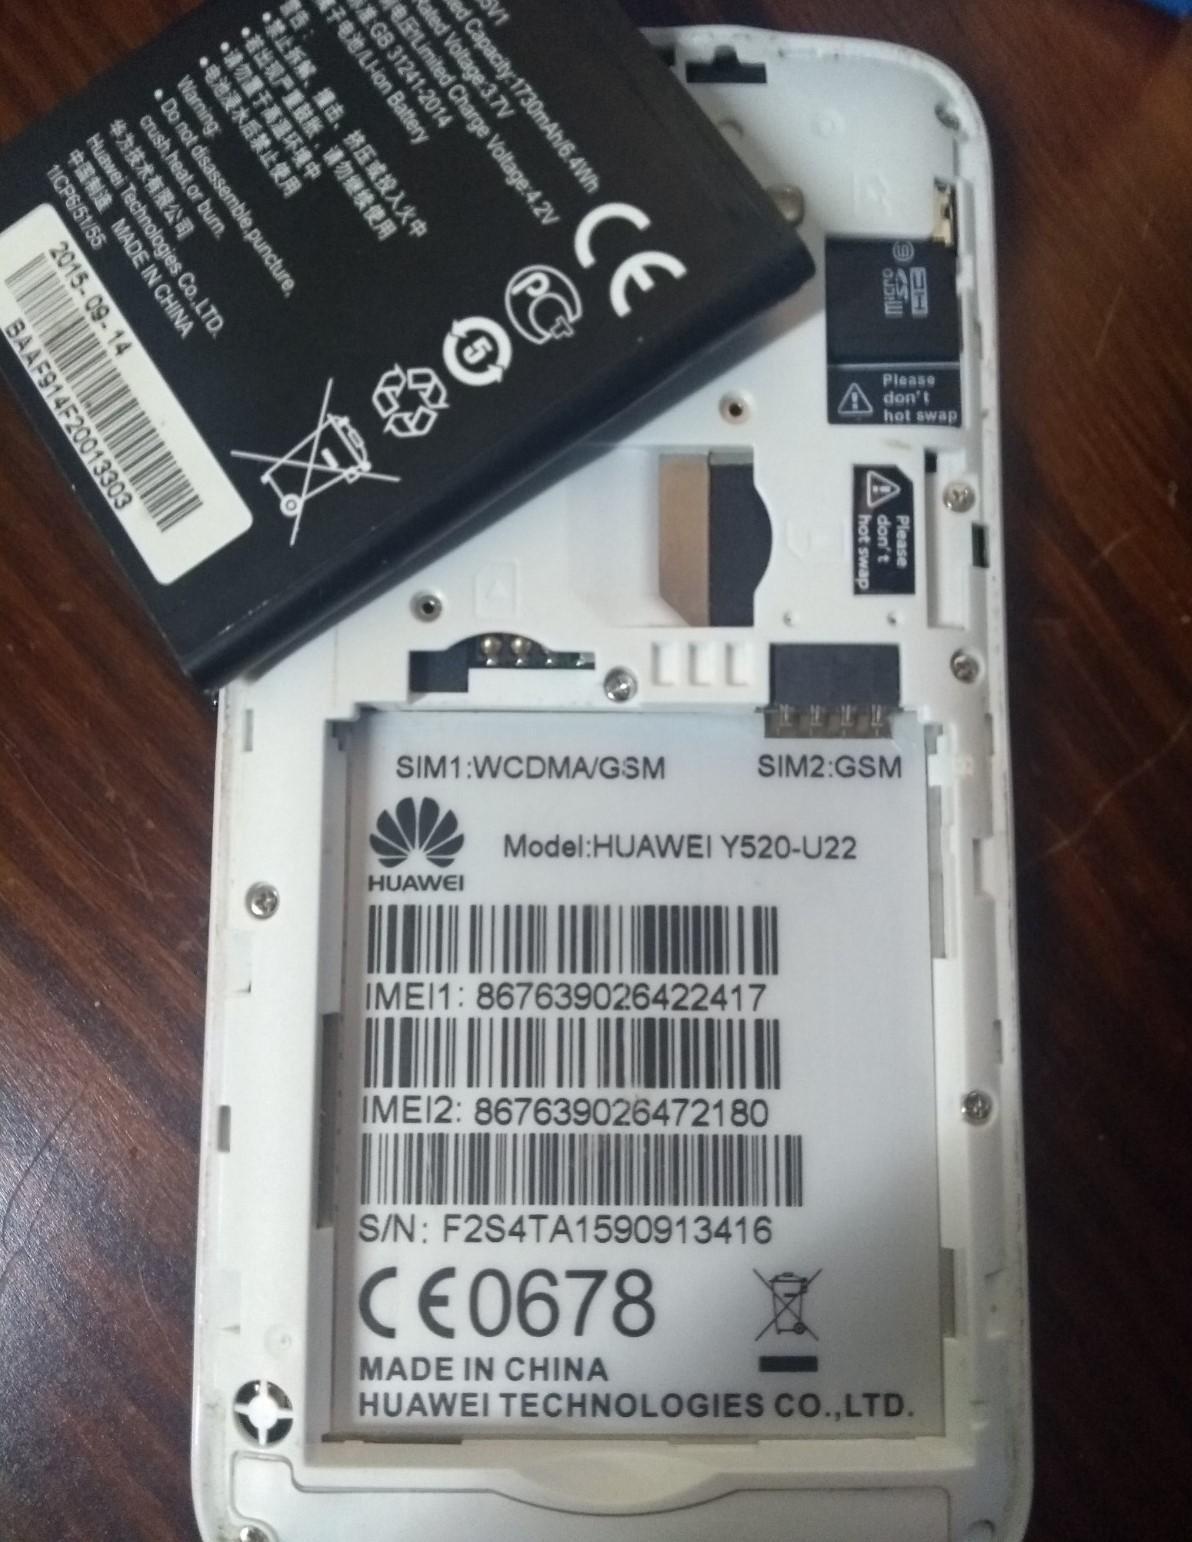 имей на старых моделях телефона находится под батареей